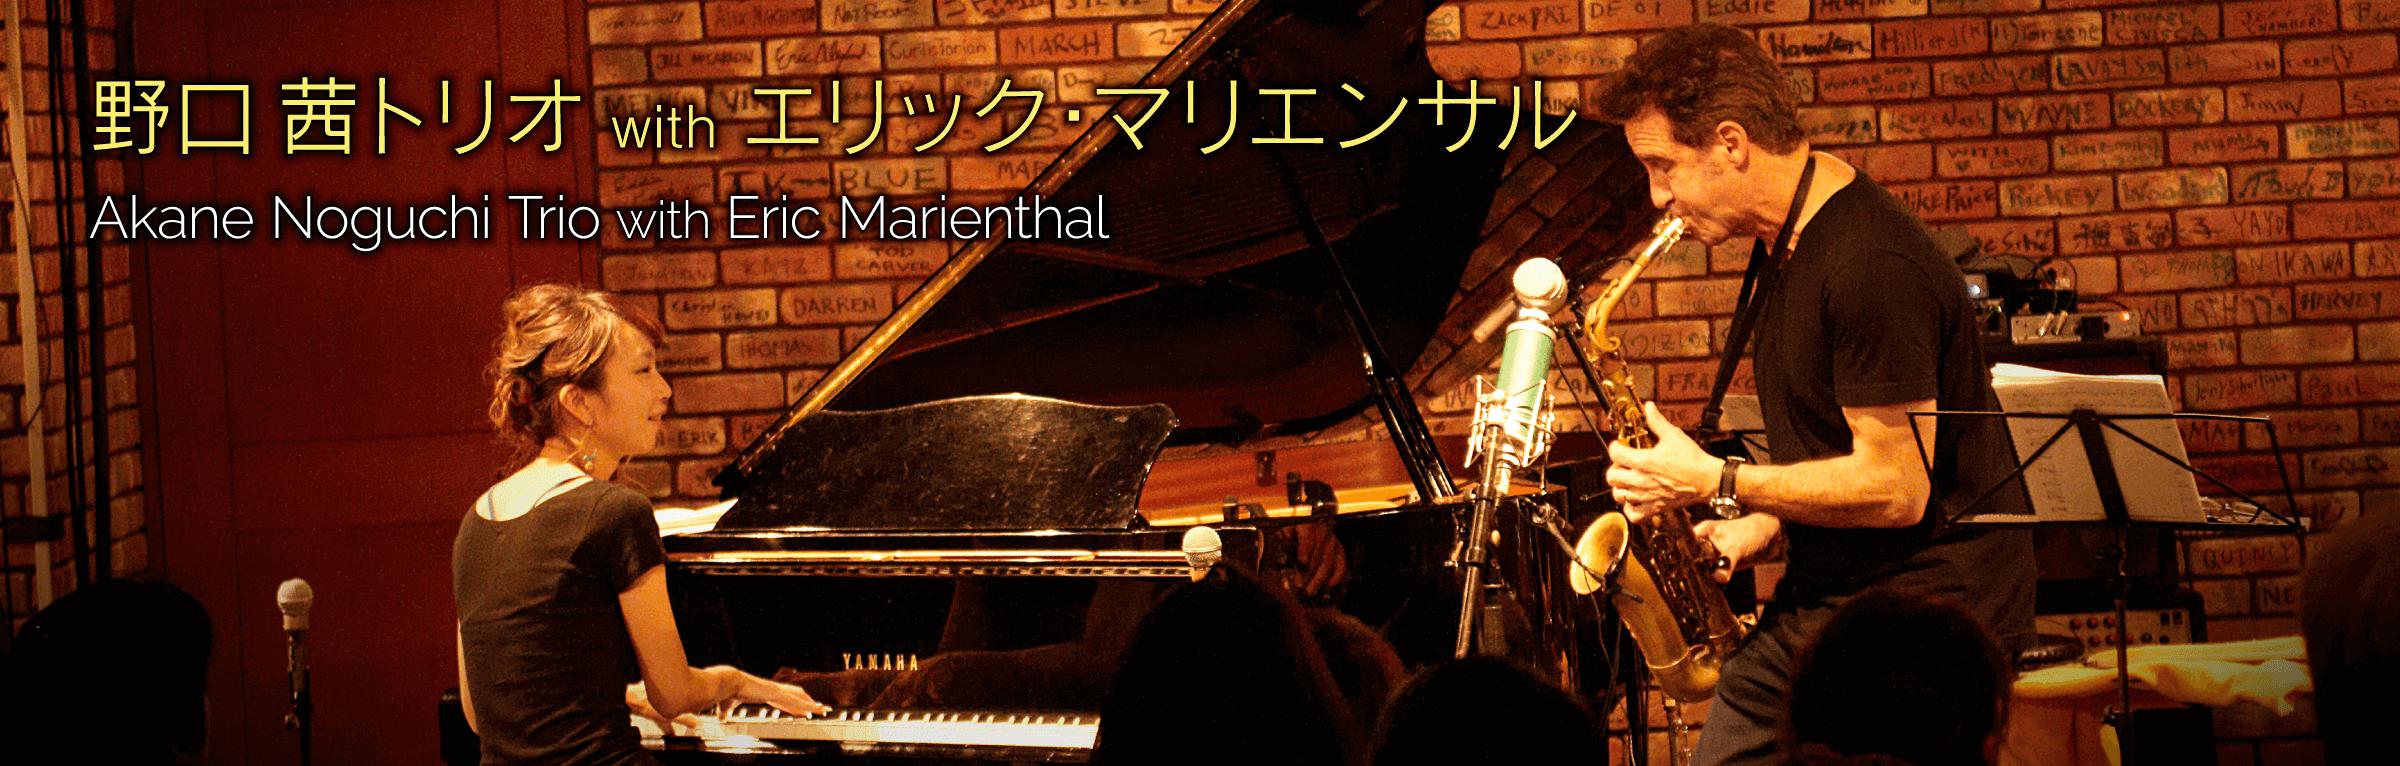 野口茜ピアノトリオ with エリックマリエンサル(sax)